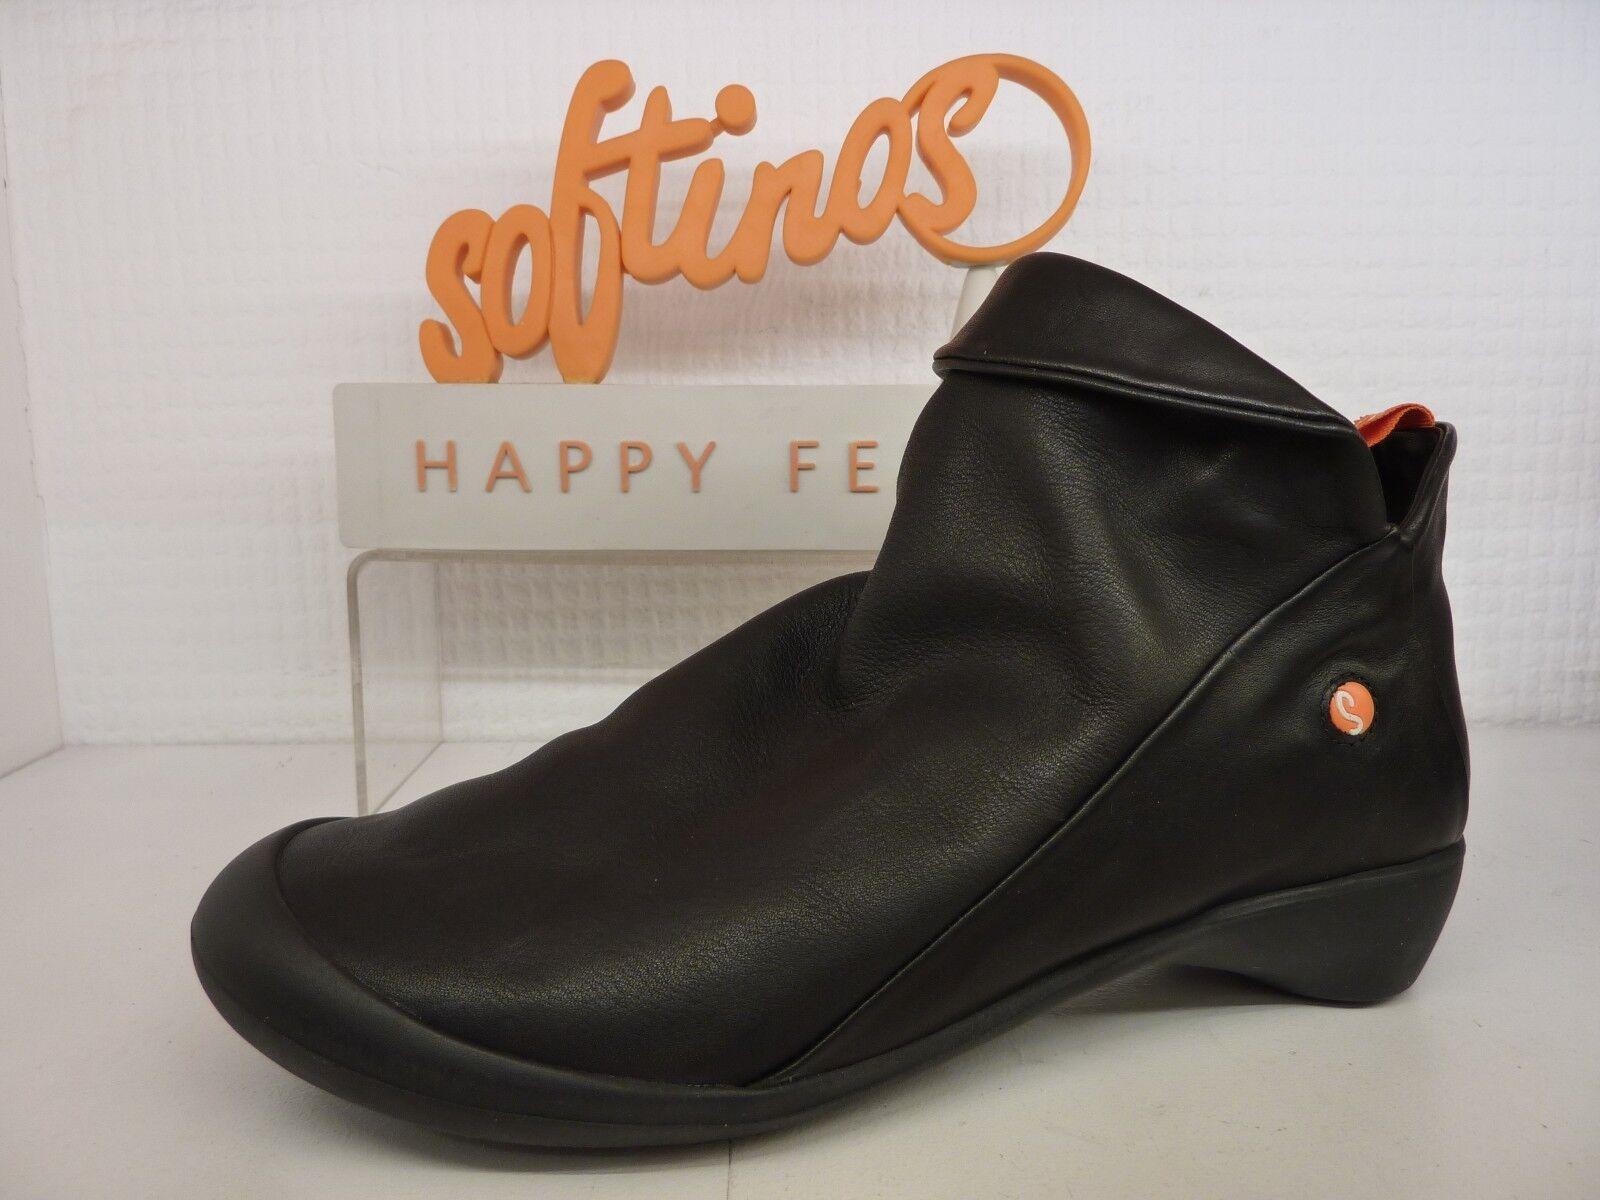 Softinos Happy Feet Farah Morbido Lavato liscia nera in pelle con cerniera all'Interno Scarpa Stivale